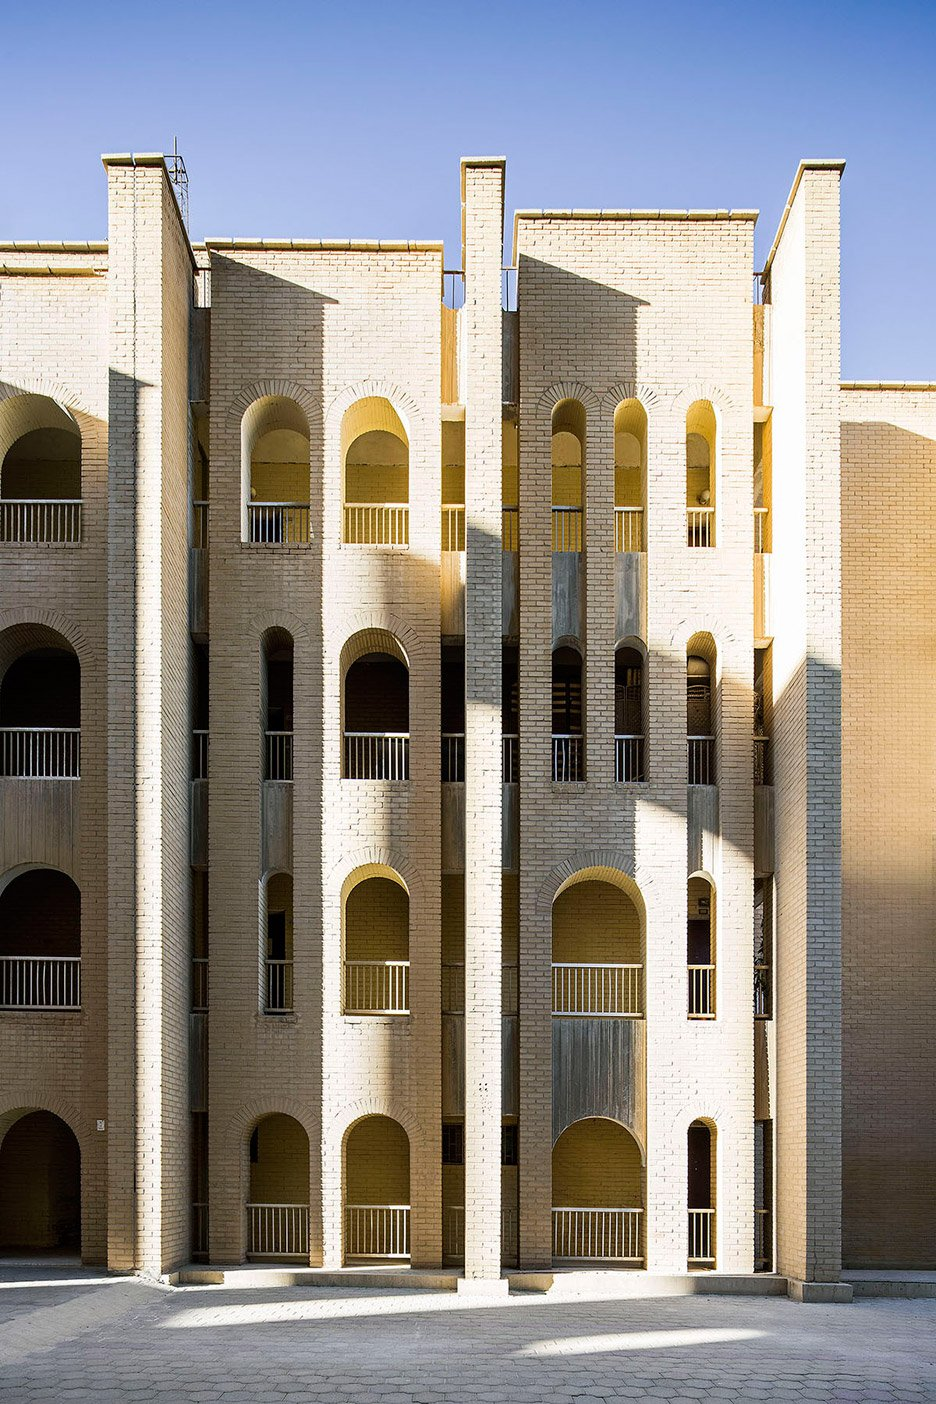 modern architecture in kuwait nelson garrido photography_dezeen_936_3 - Classical Modern Architecture